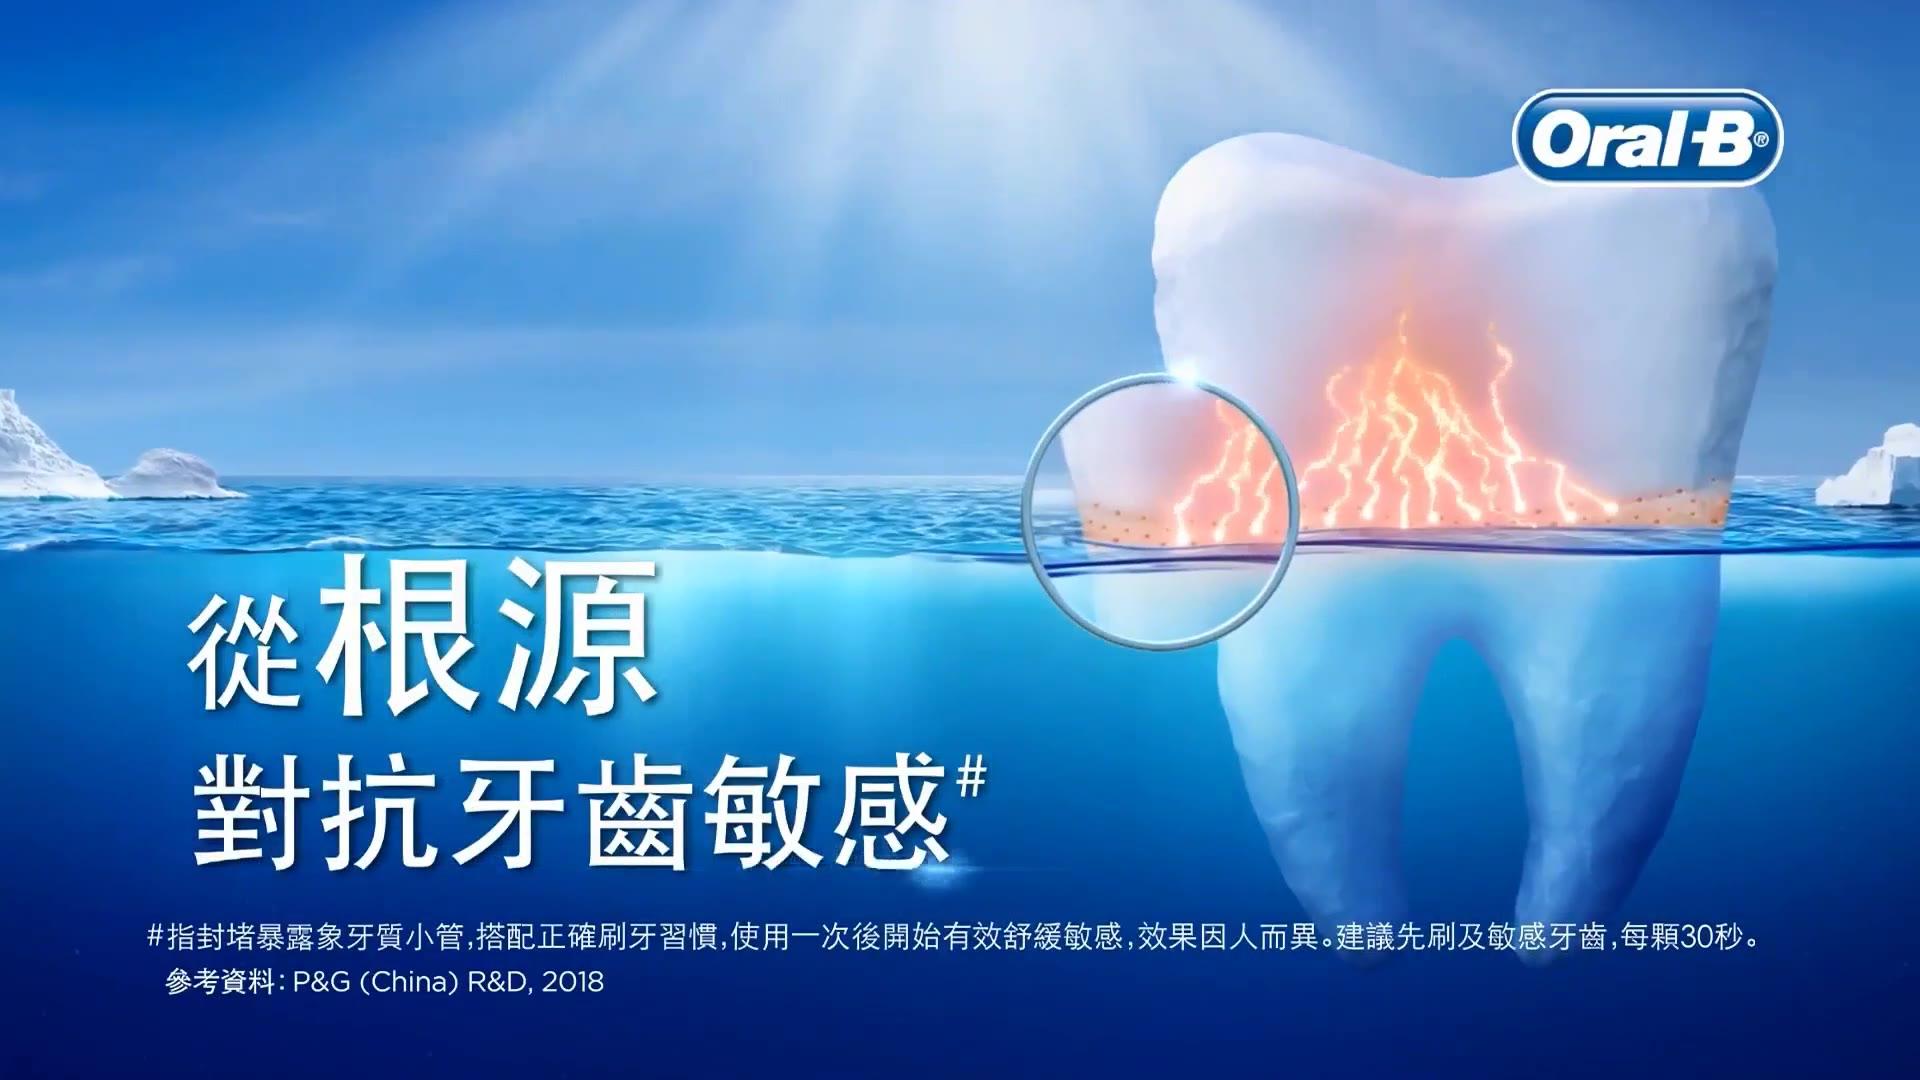 央视广告欣赏-欧乐-B抗敏护龈牙膏